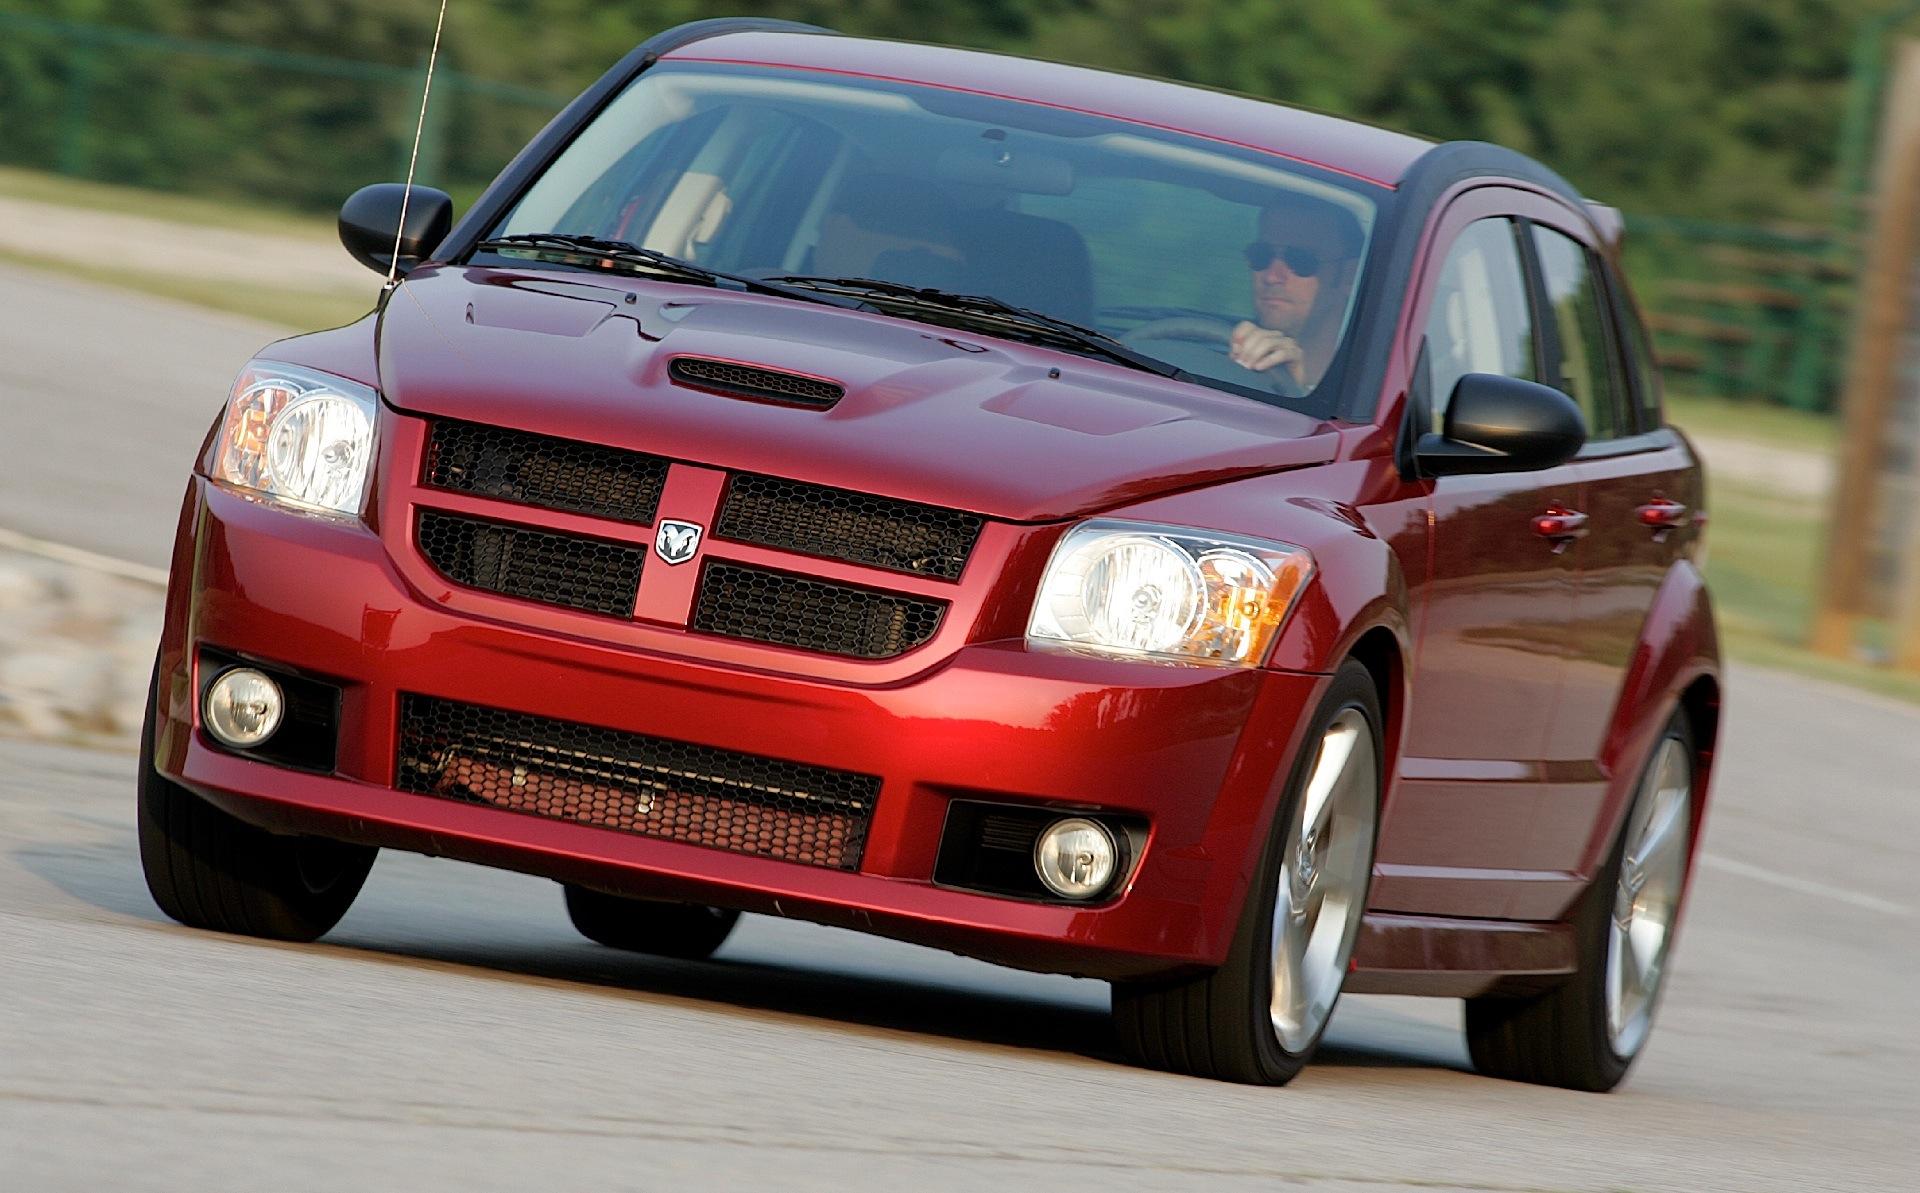 Dodge Dart Srt4 >> DODGE Caliber SRT4 - 2007, 2008, 2009, 2010, 2011 ...